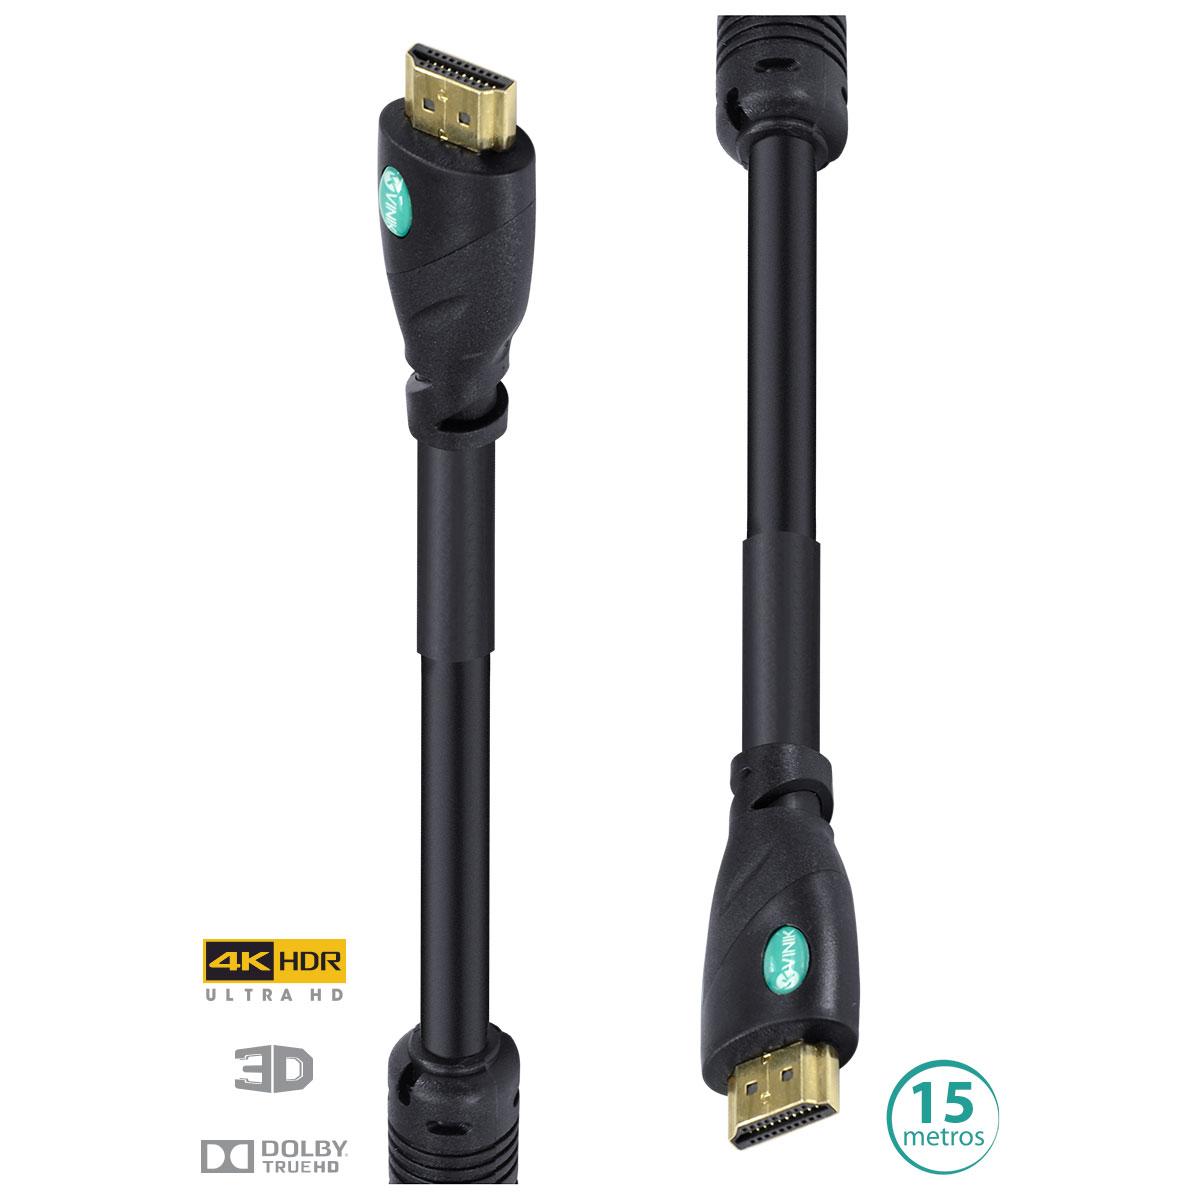 CABO HDMI 2.0 4K ULTRA HD 3D CONEXÃO ETHERNET COM FILTRO 15 METROS - H20F-15